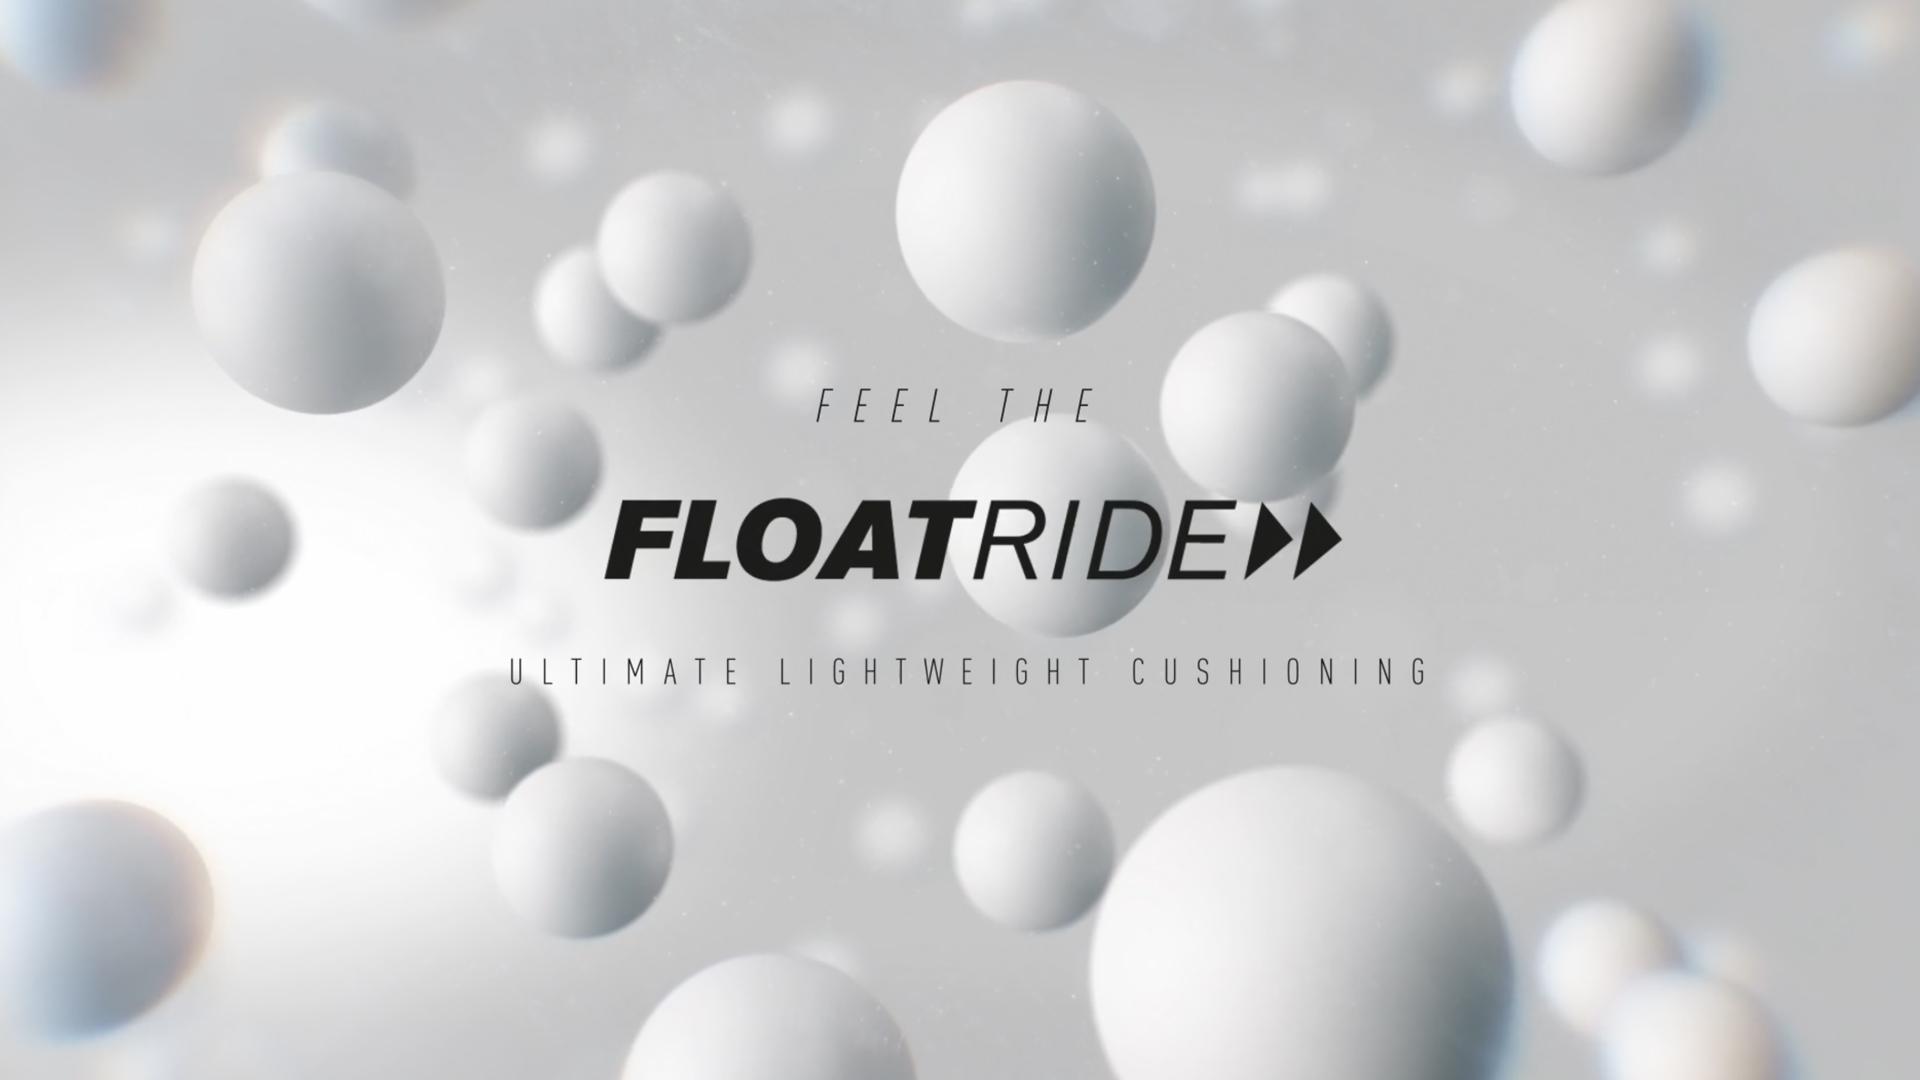 Reebok__0006_Floatride_still.jpg